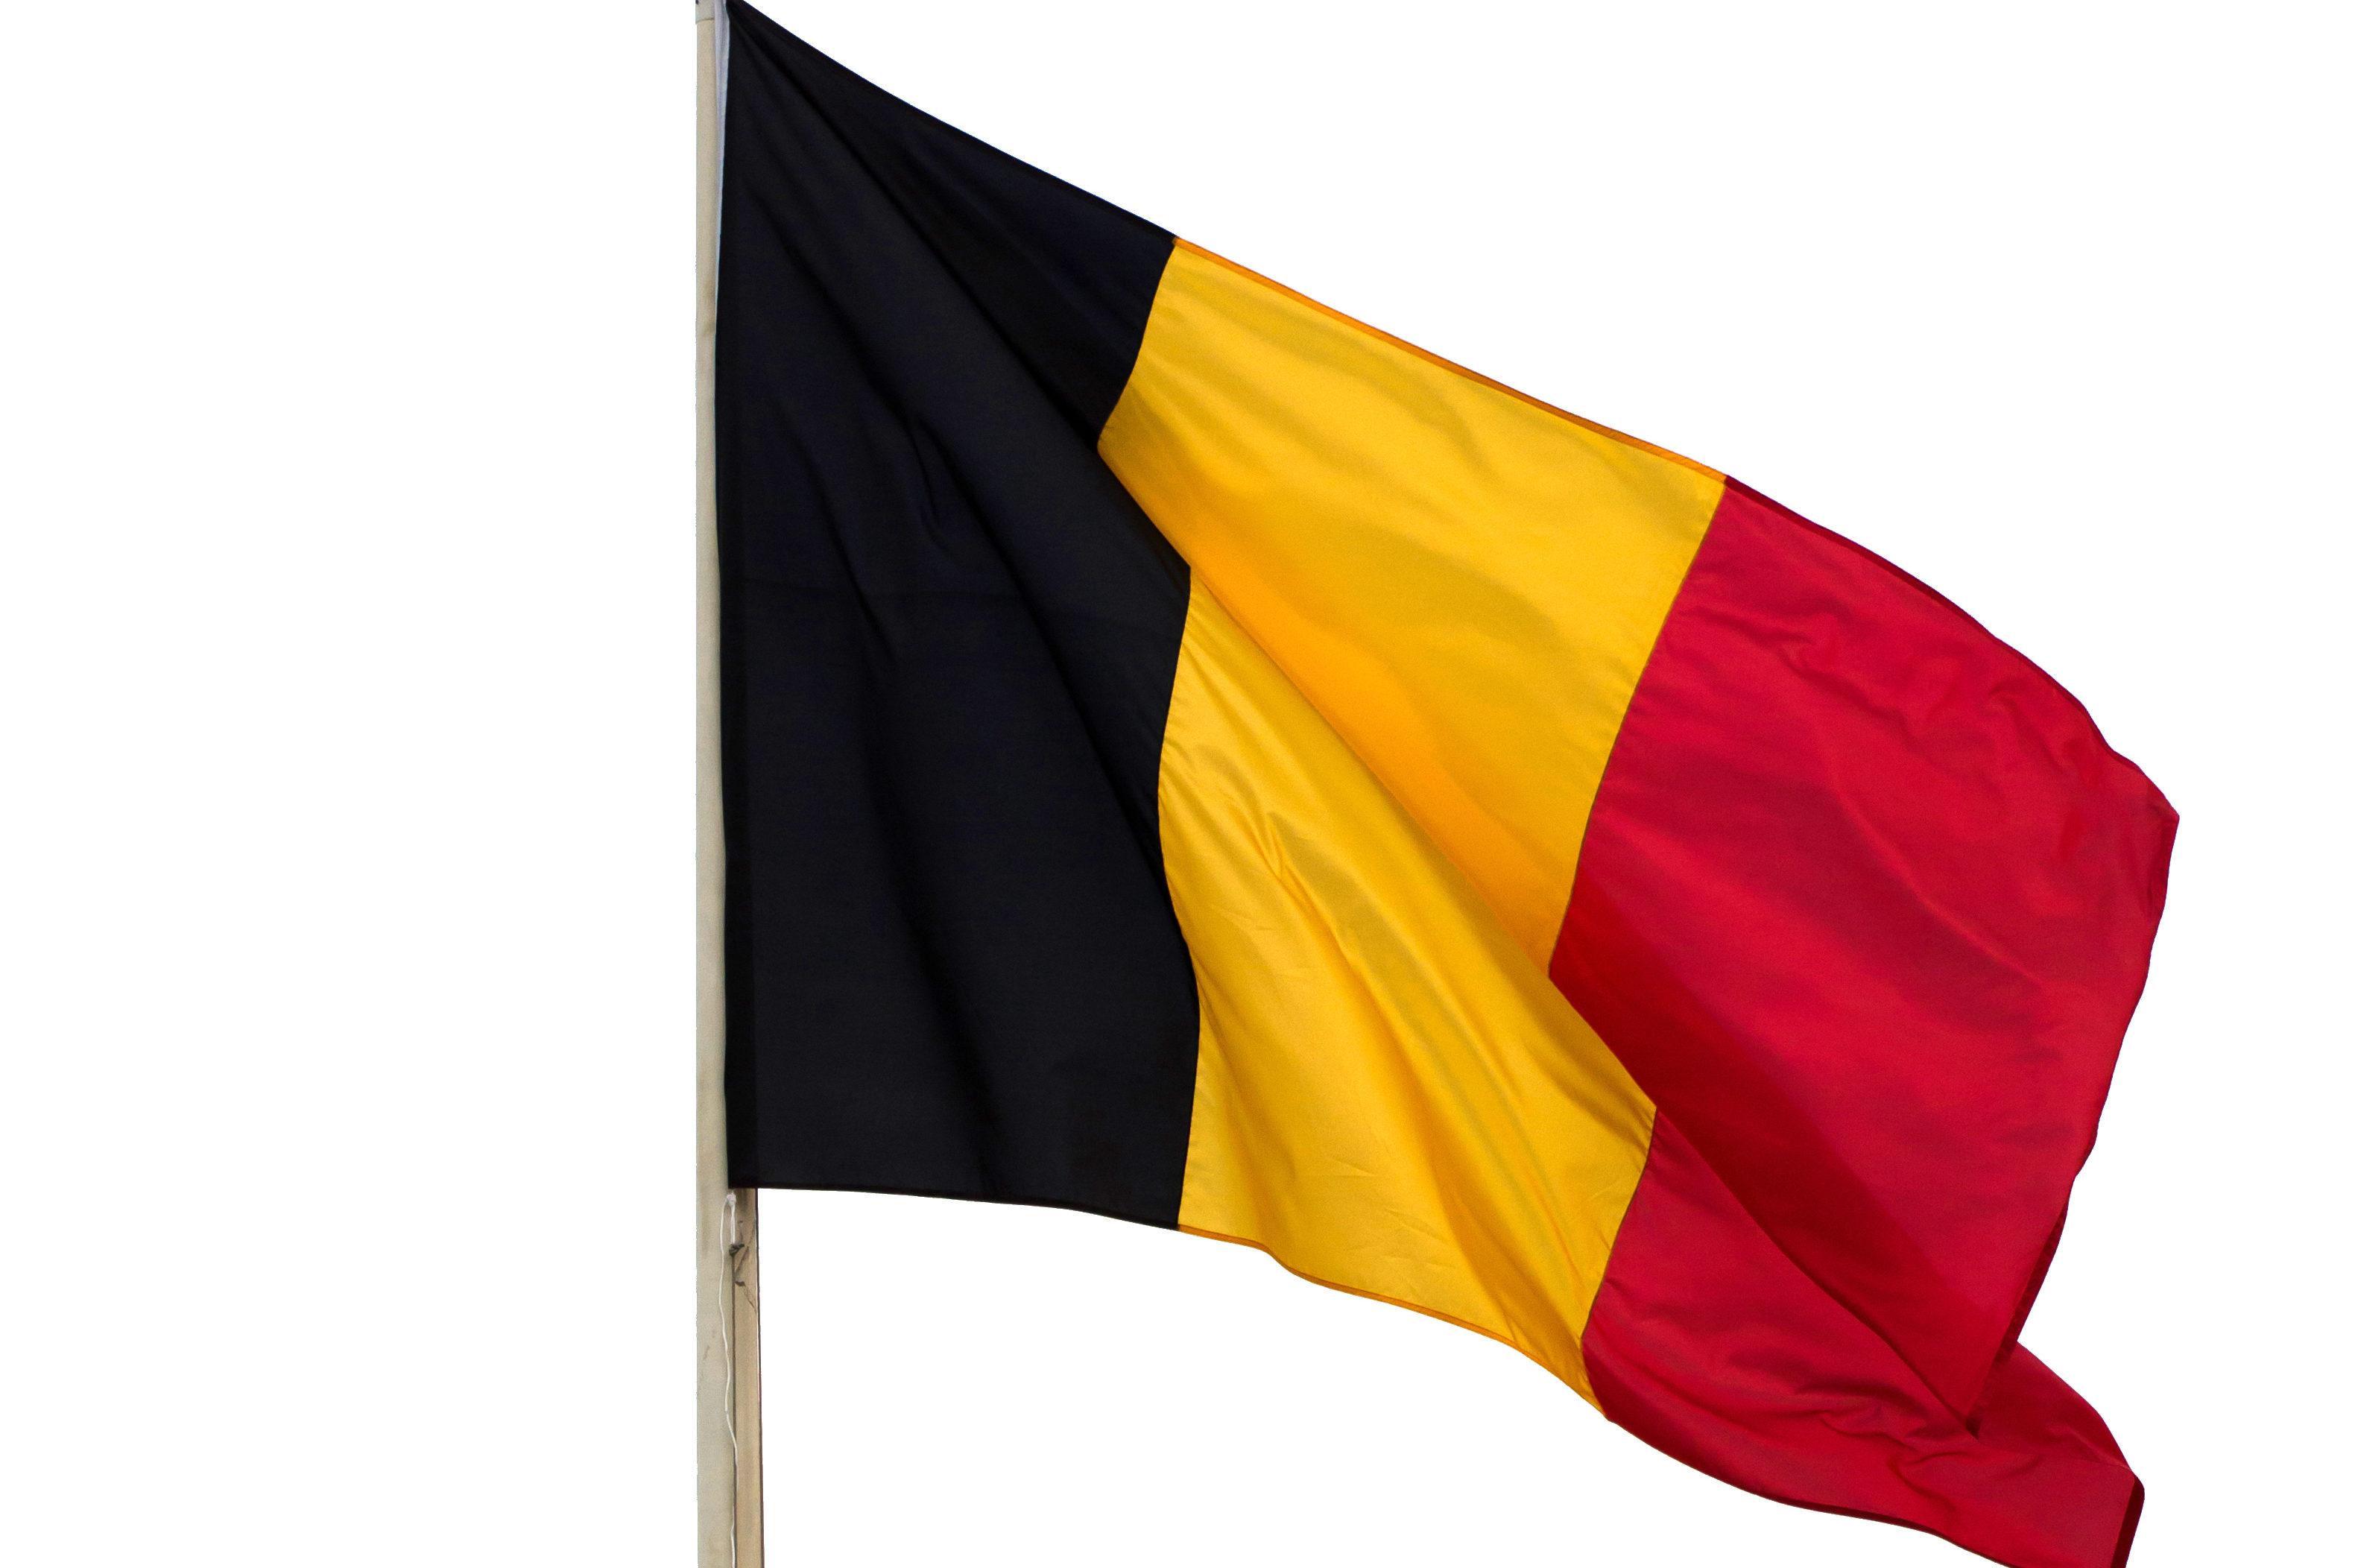 Fietsen in België: cijfers, feiten en ontwikkelingen - Tweewieler